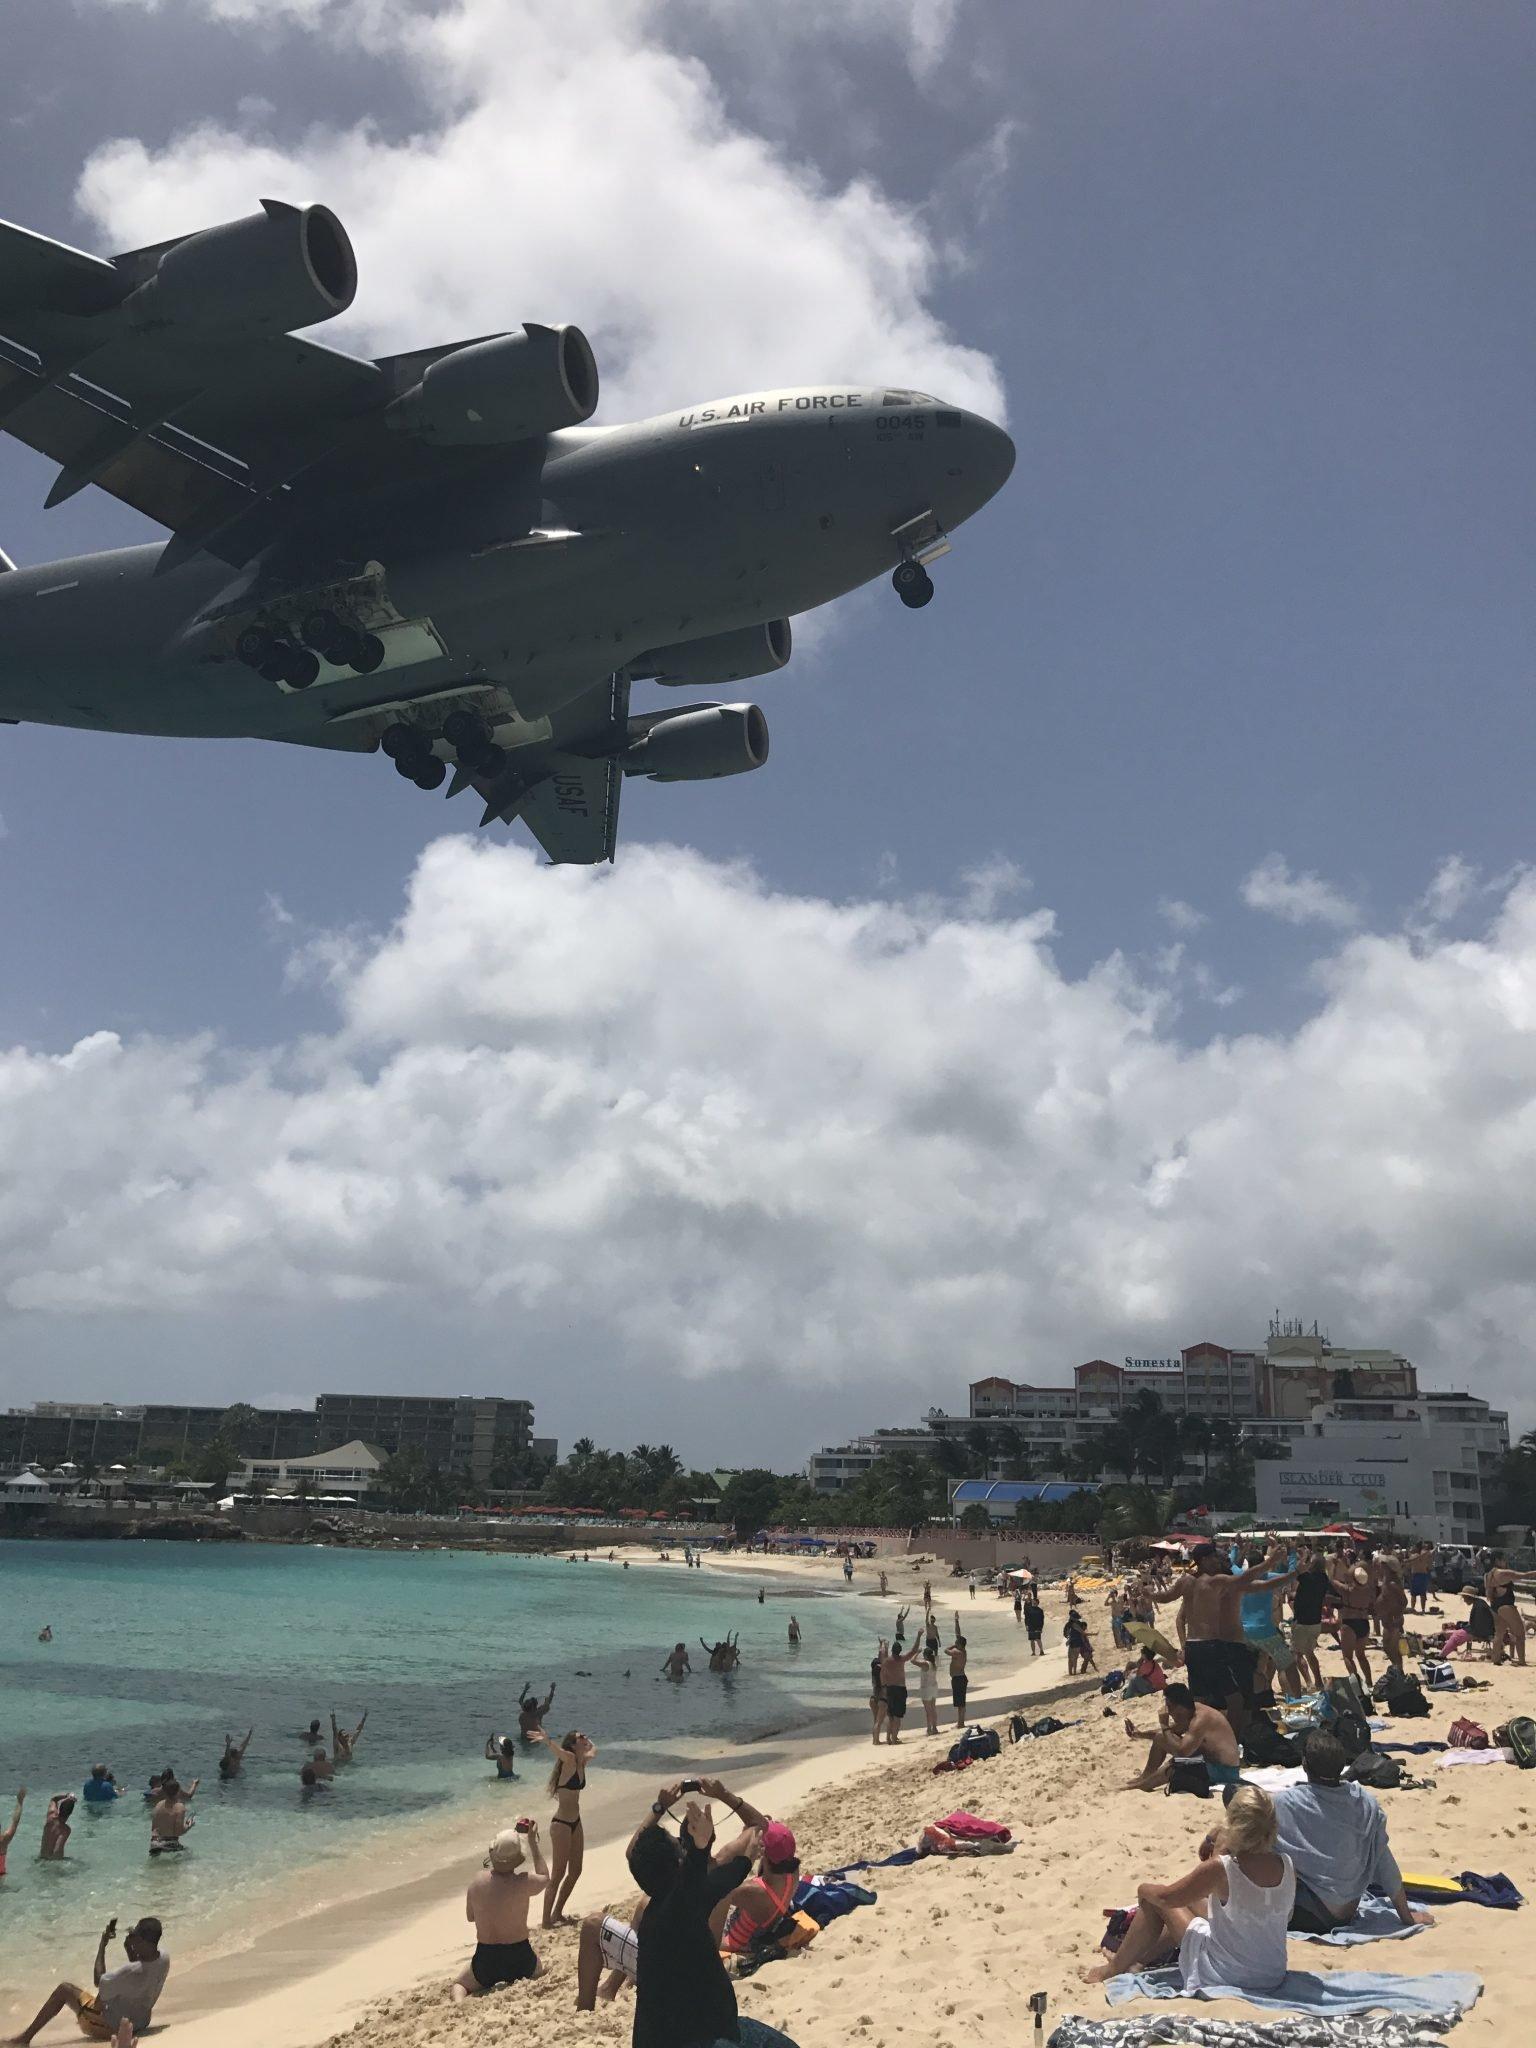 Maho Beach, St. Maarten e o avião da Força Aérea Americana tentando pousar